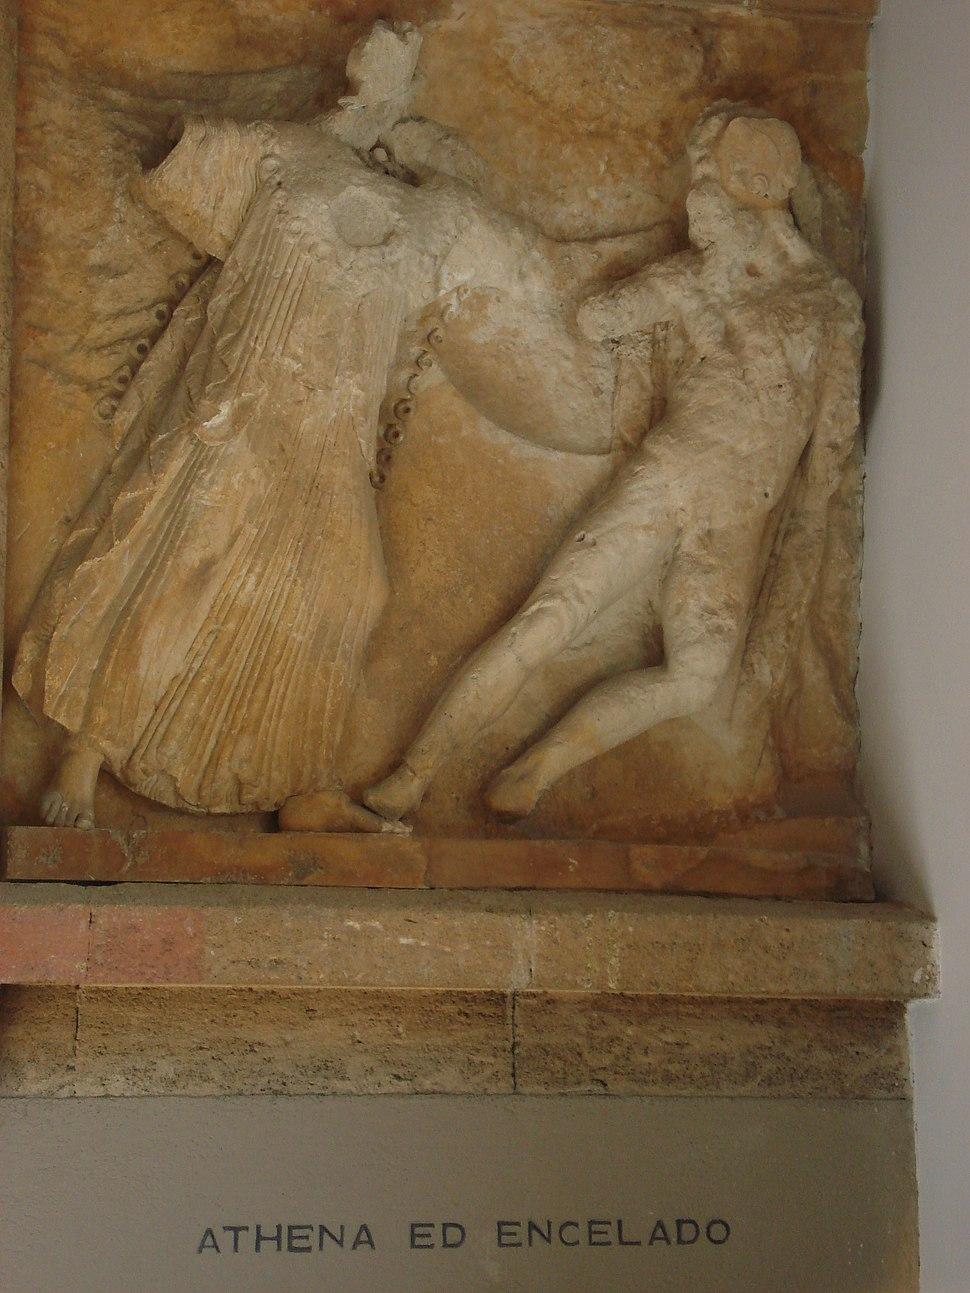 DSC00405 - Tempio E di Selinunte - Artemide ed Encelado - Ca. 450 a.C. - Foto G. Dall'Orto